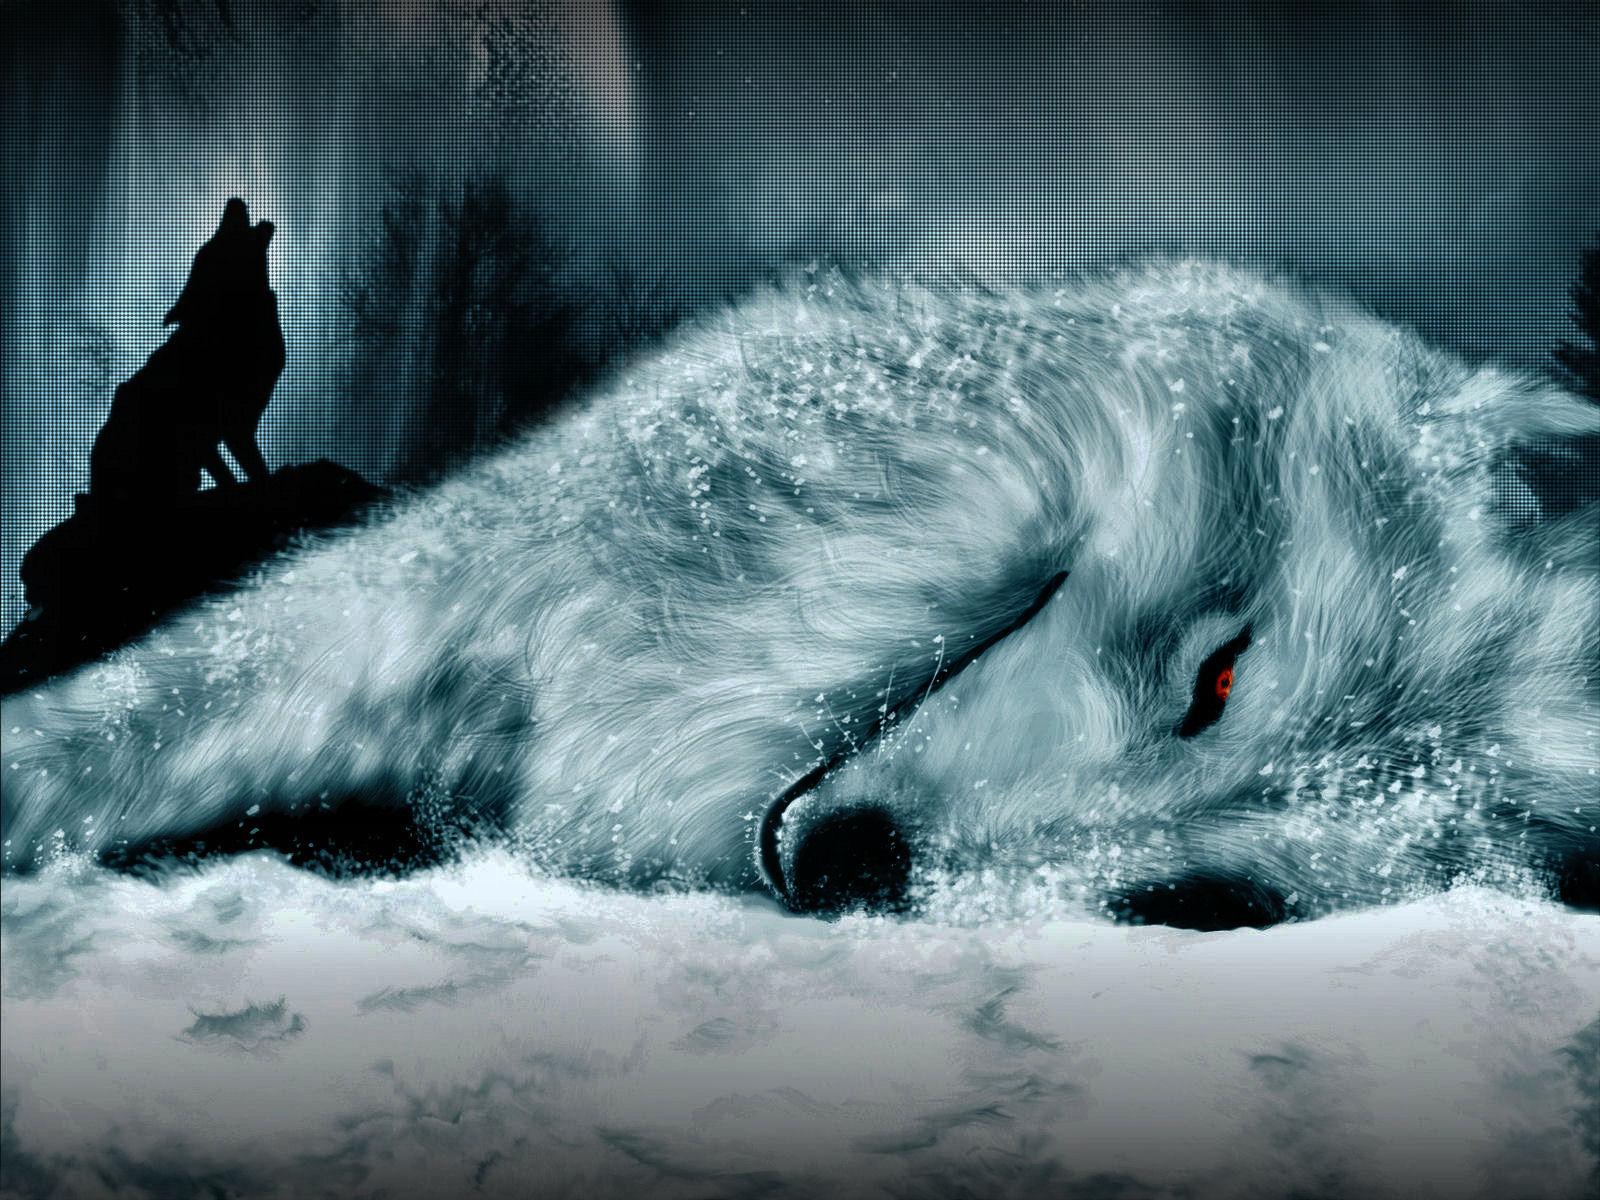 wolf Wallpaper Background 1922 1600x1200